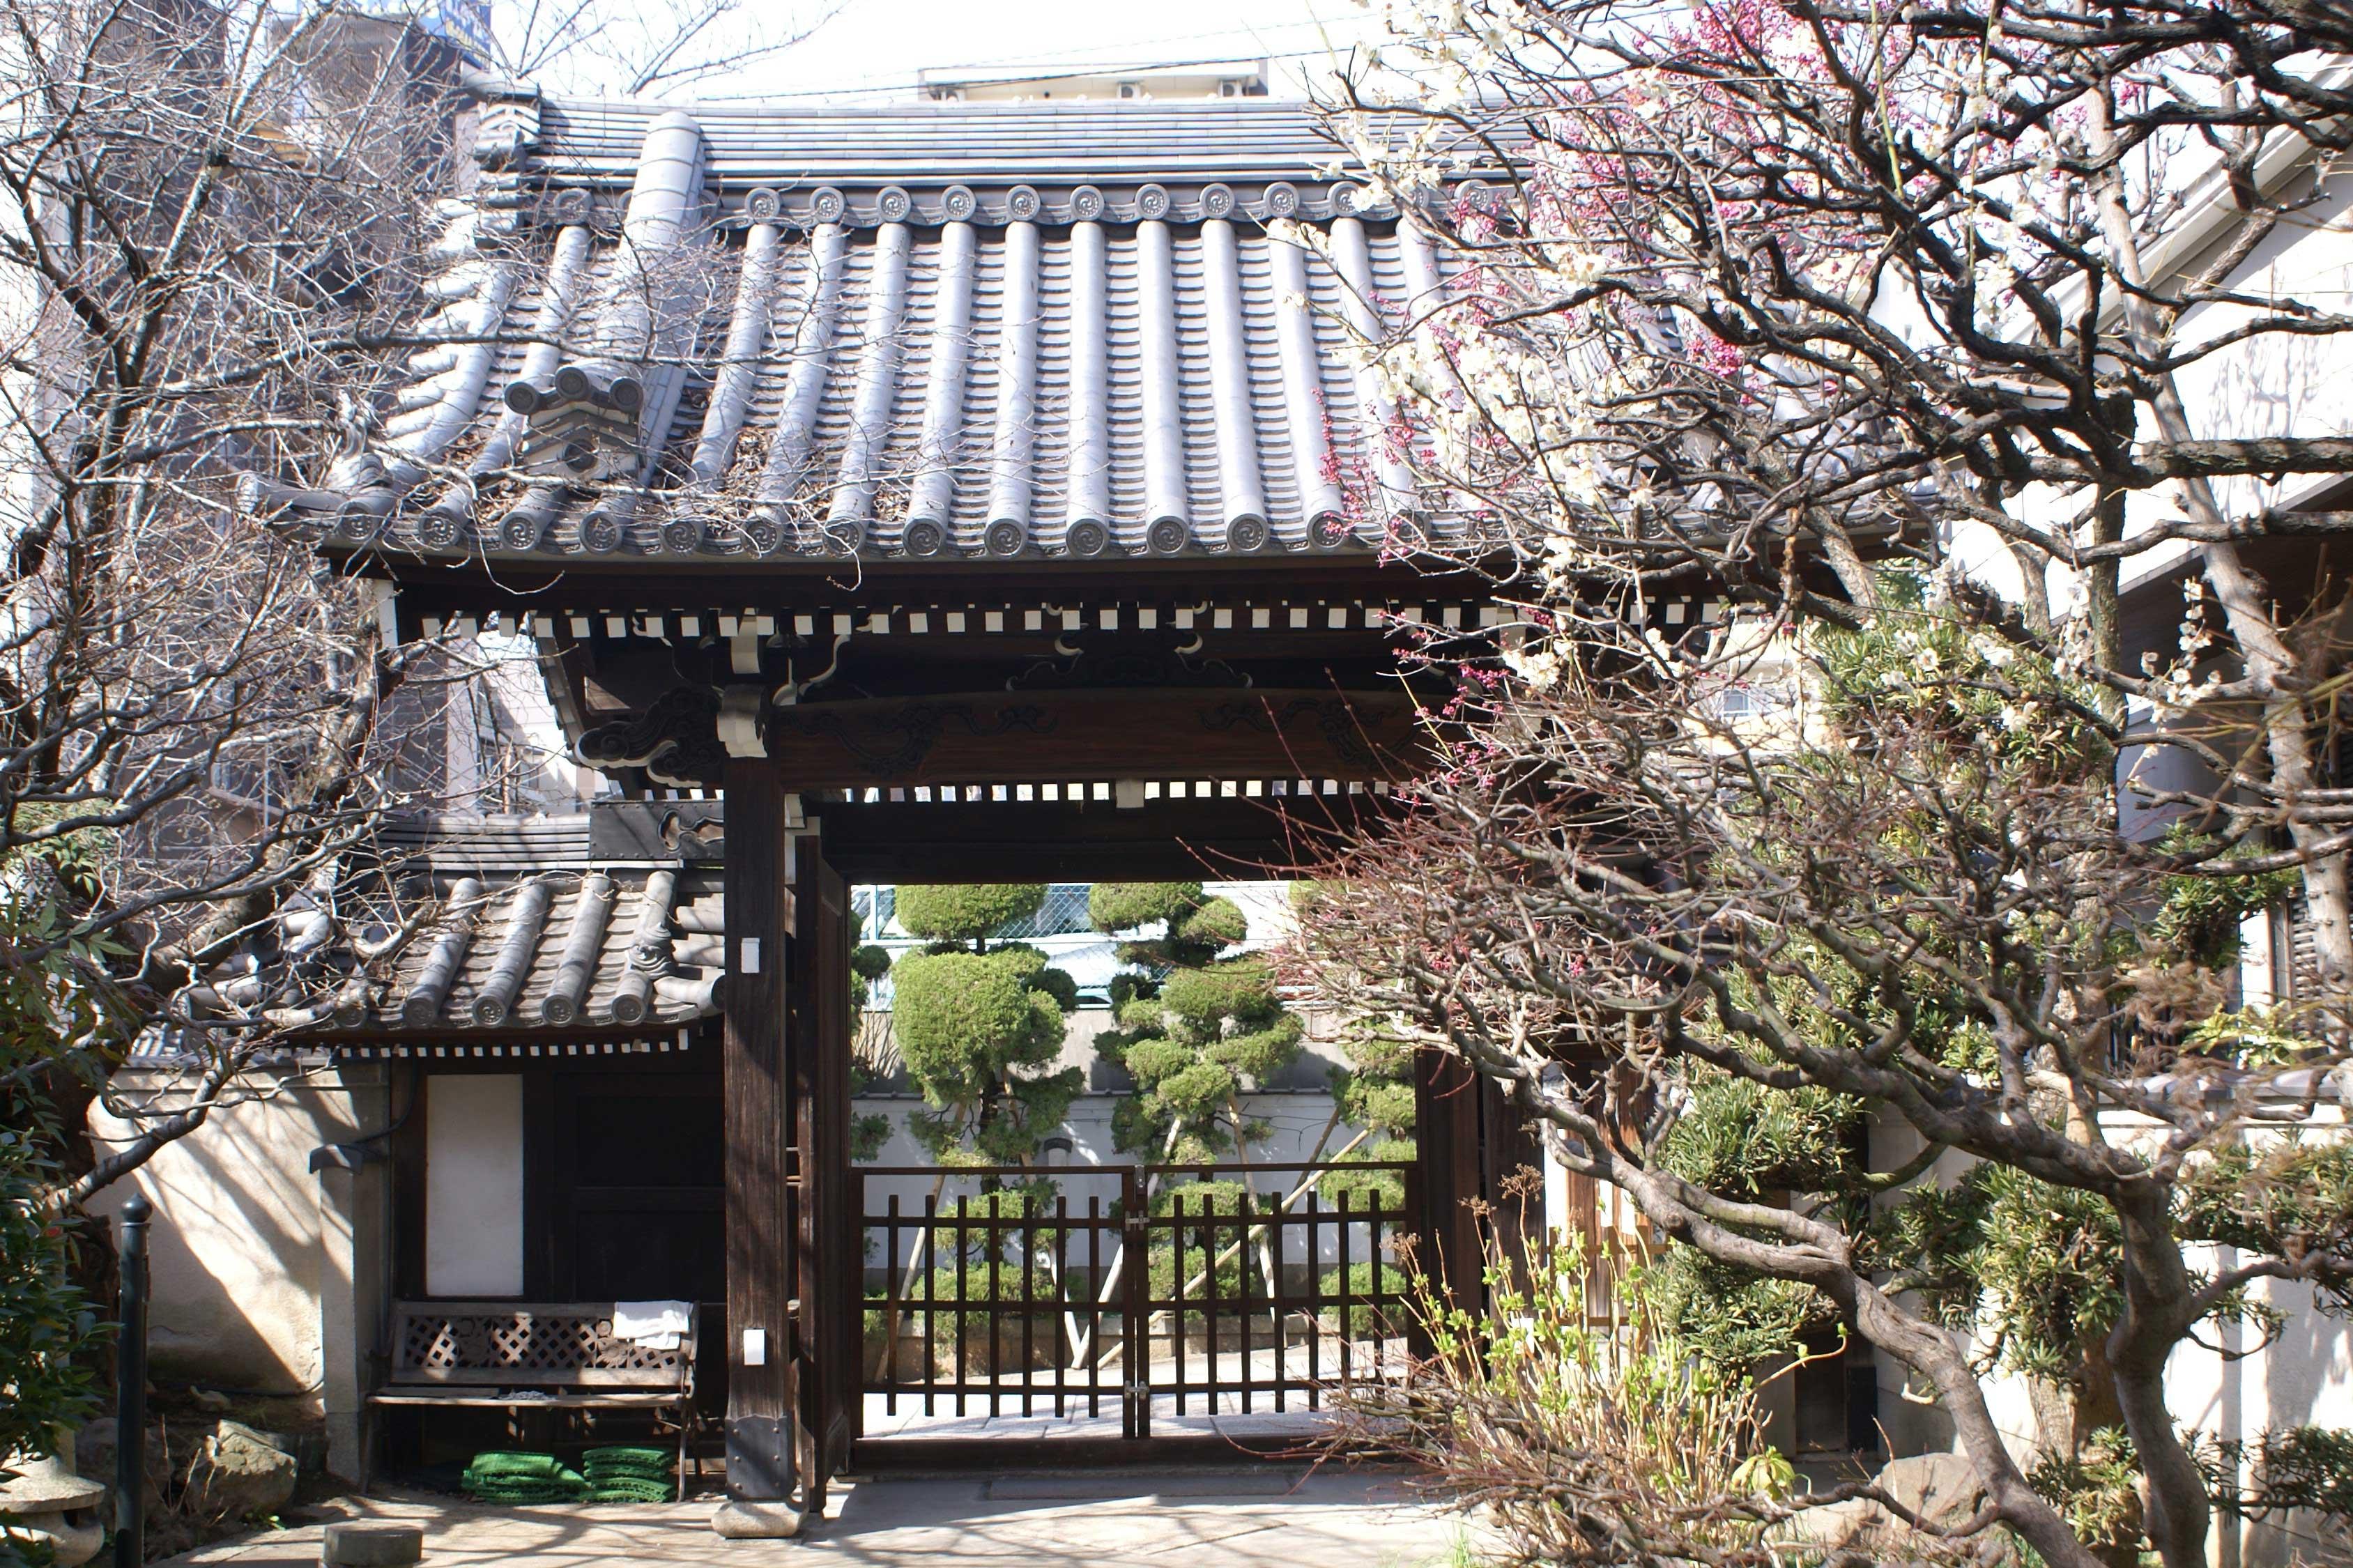 <p>境内内部から山門を見る。</p>善龍寺は、慶長7年(1602)僧宗林の開創。戦災で山門を残し全焼した。元は松屋町筋沿いにあったが、昭和47年再建時に現地に移動。境内の桜と「海中出現地蔵尊」が有名。